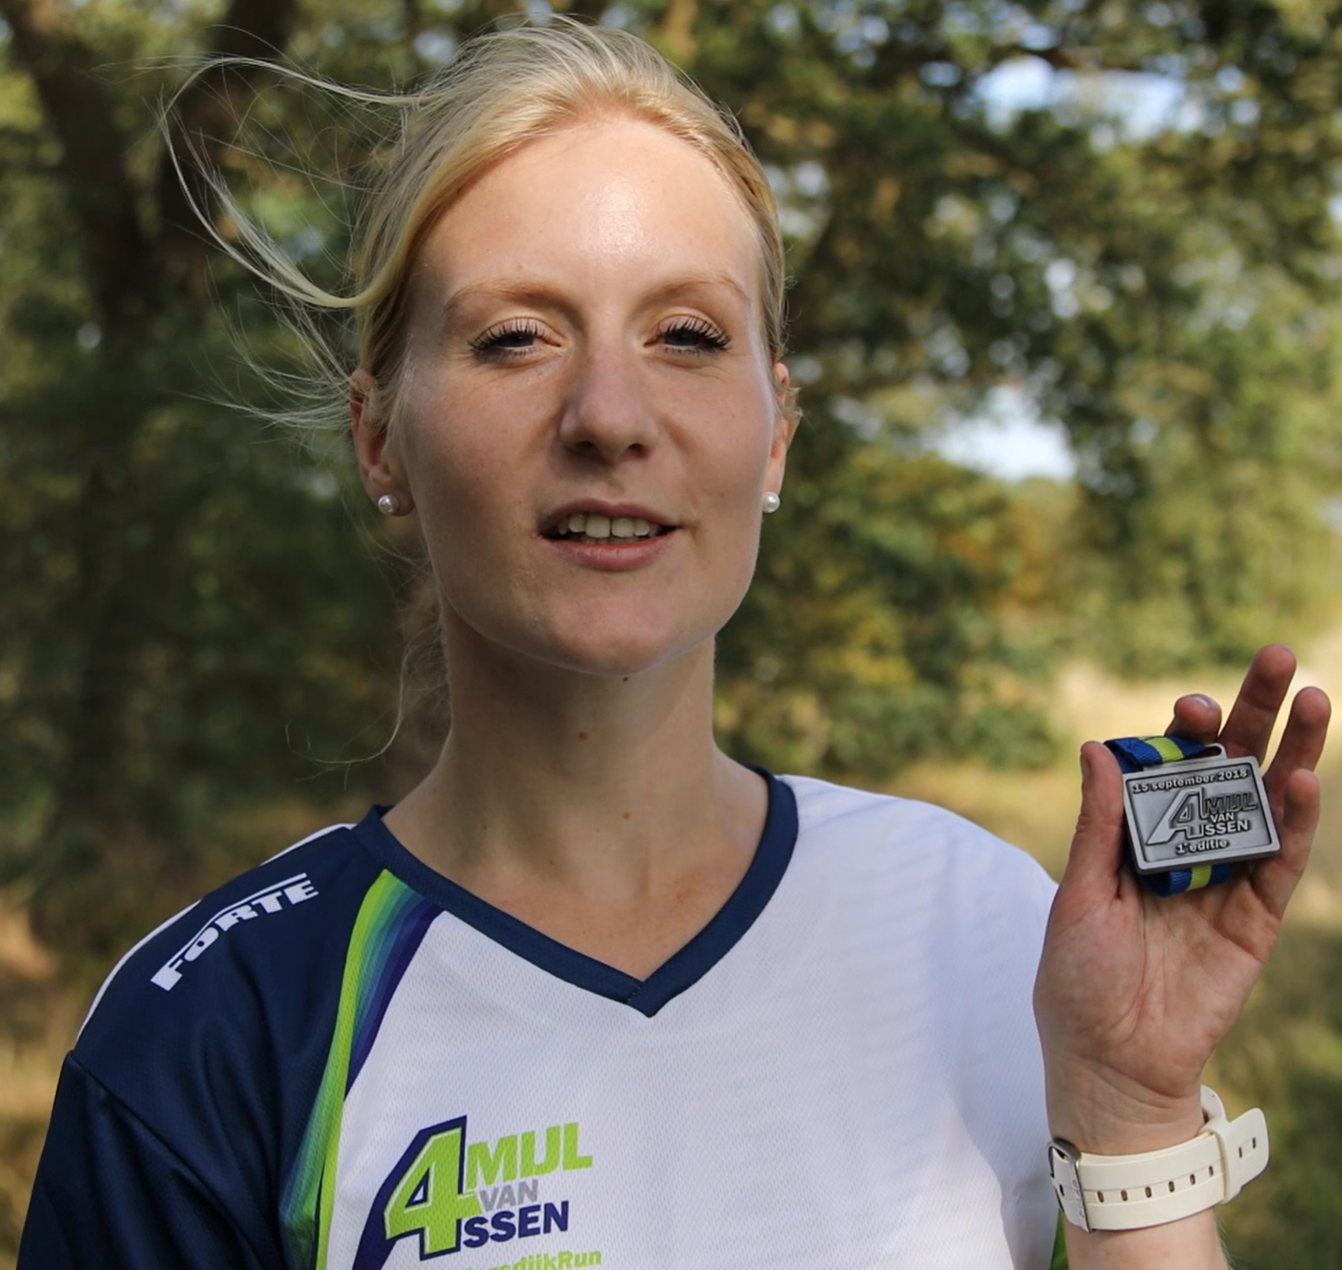 Anna Hendrikse loopt 4Mijl van Assen